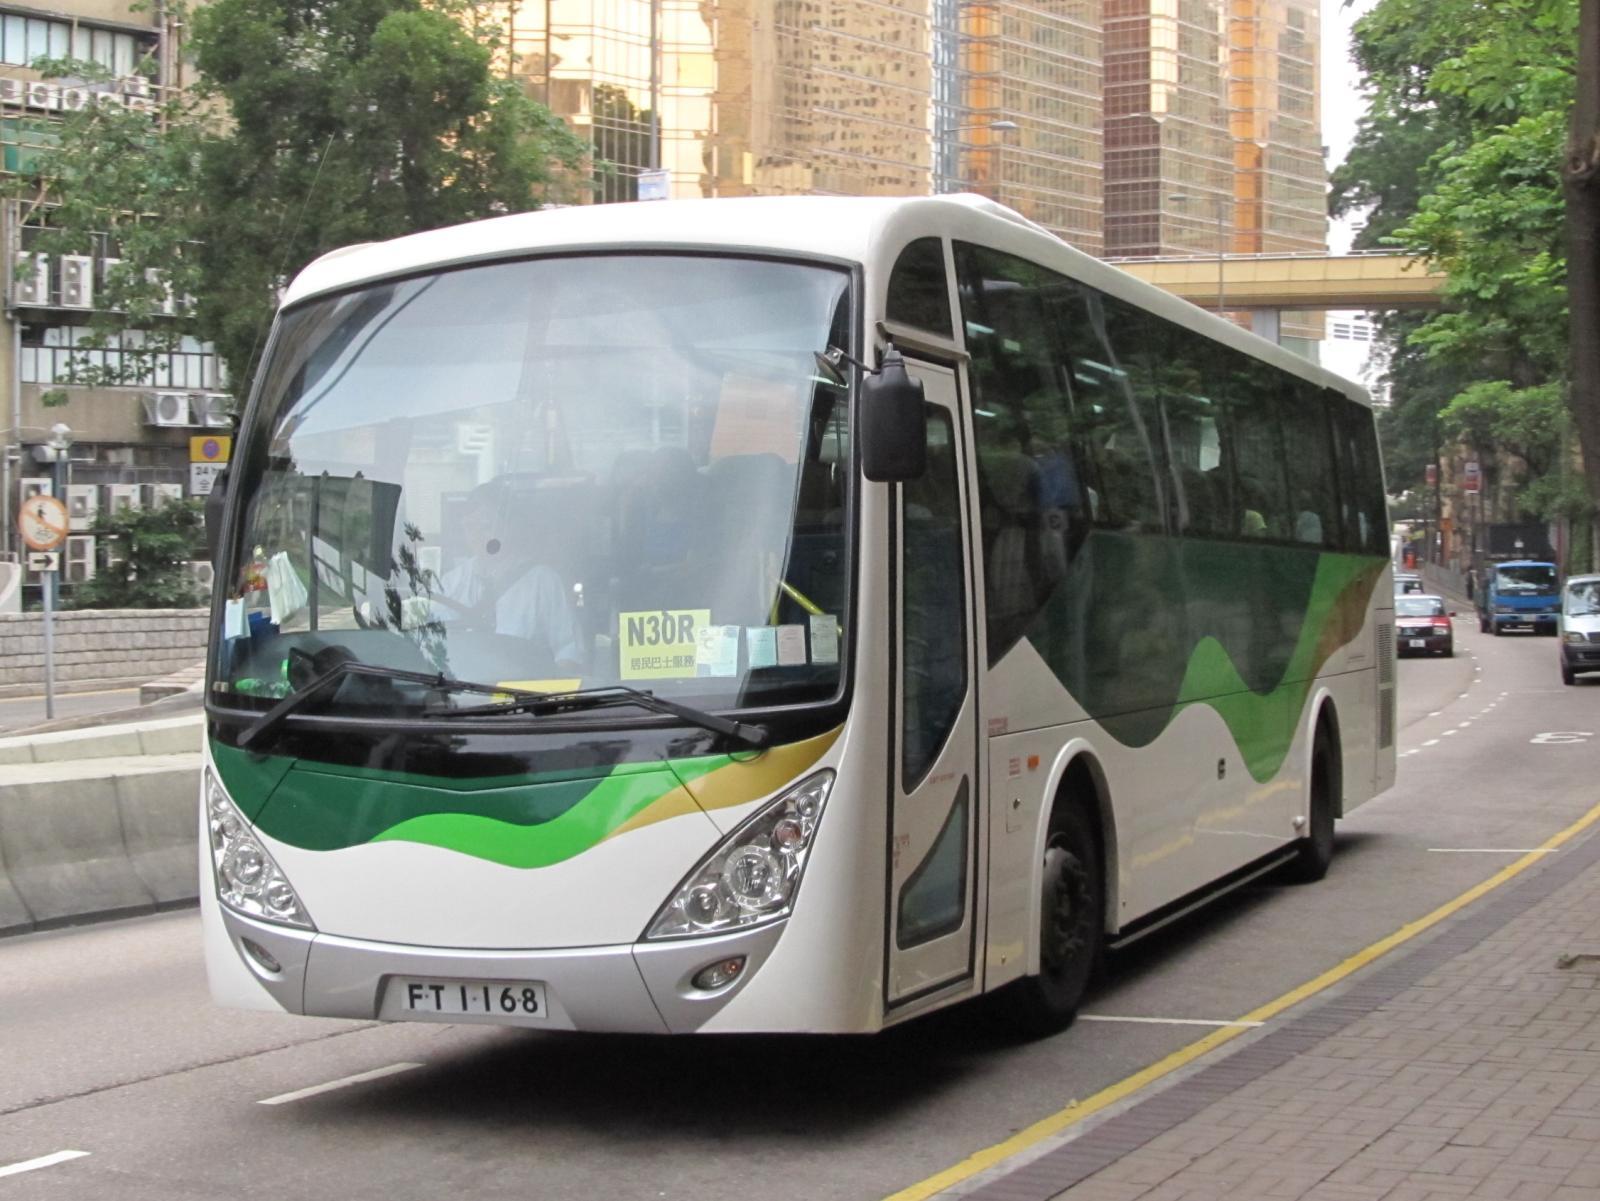 居民巴士NR30線